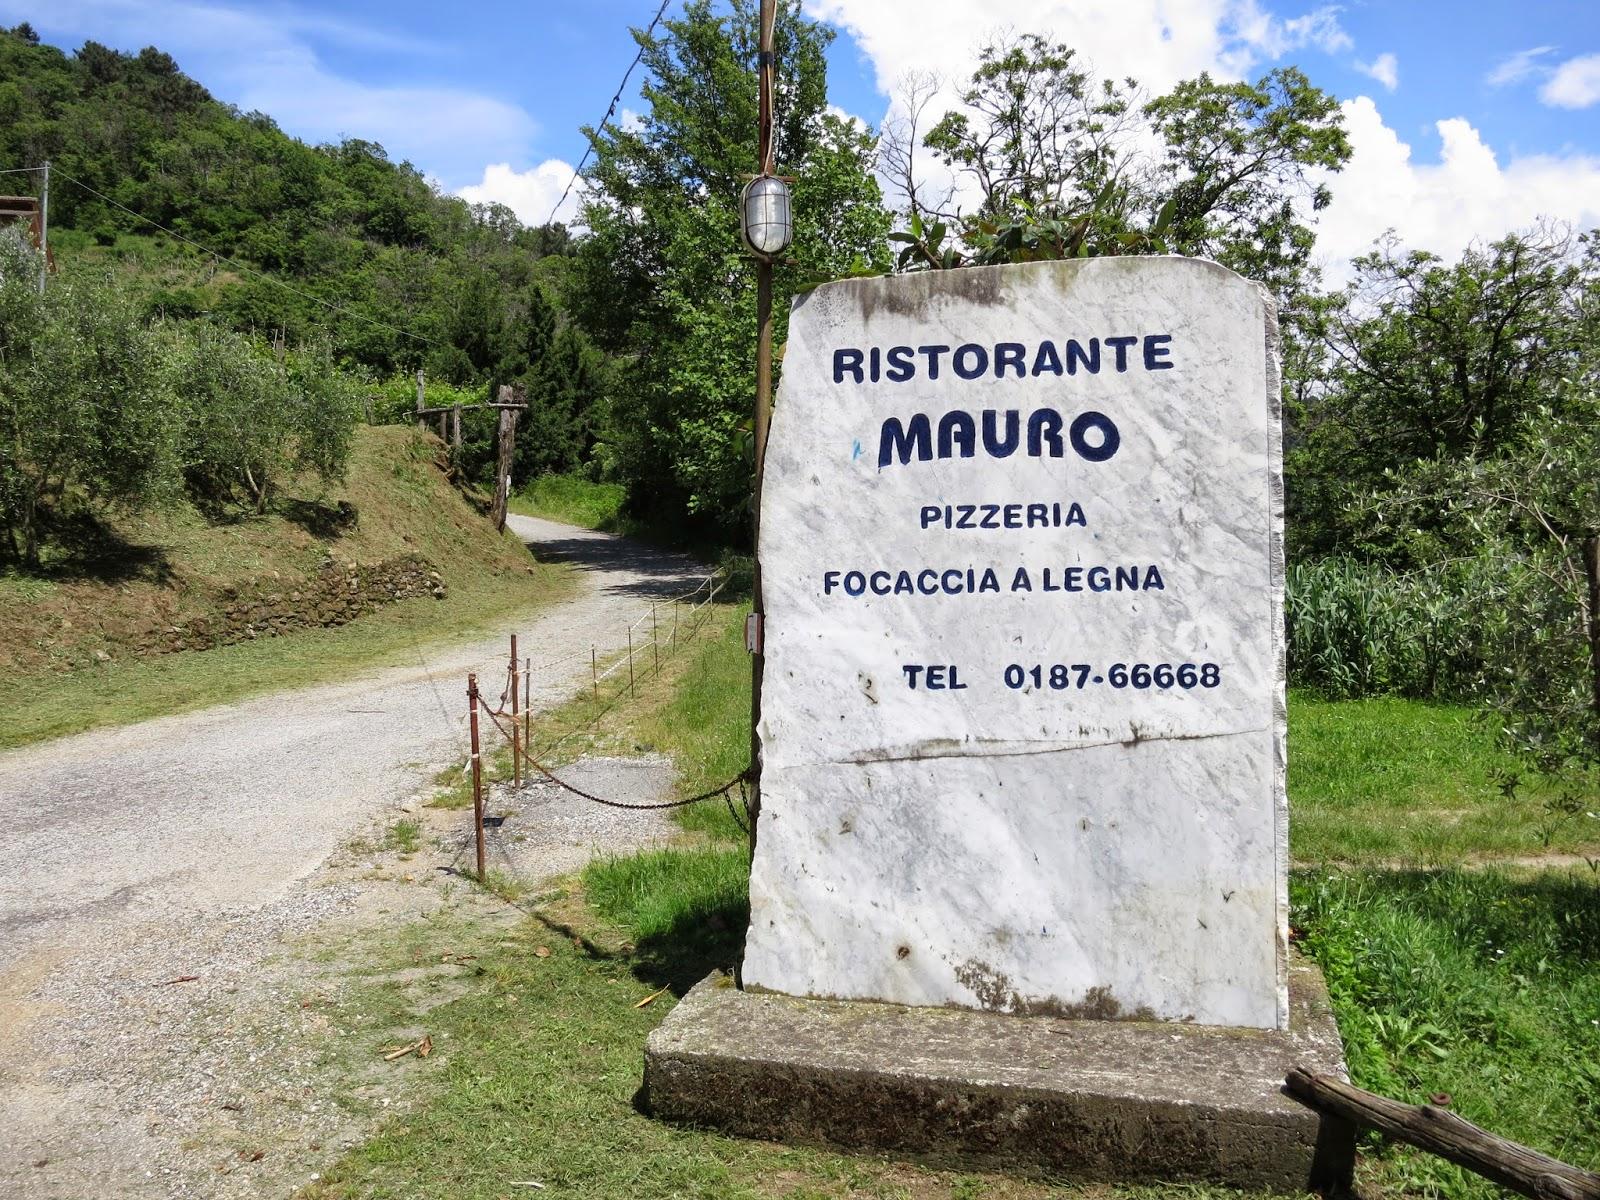 Ristorante Mauro sign